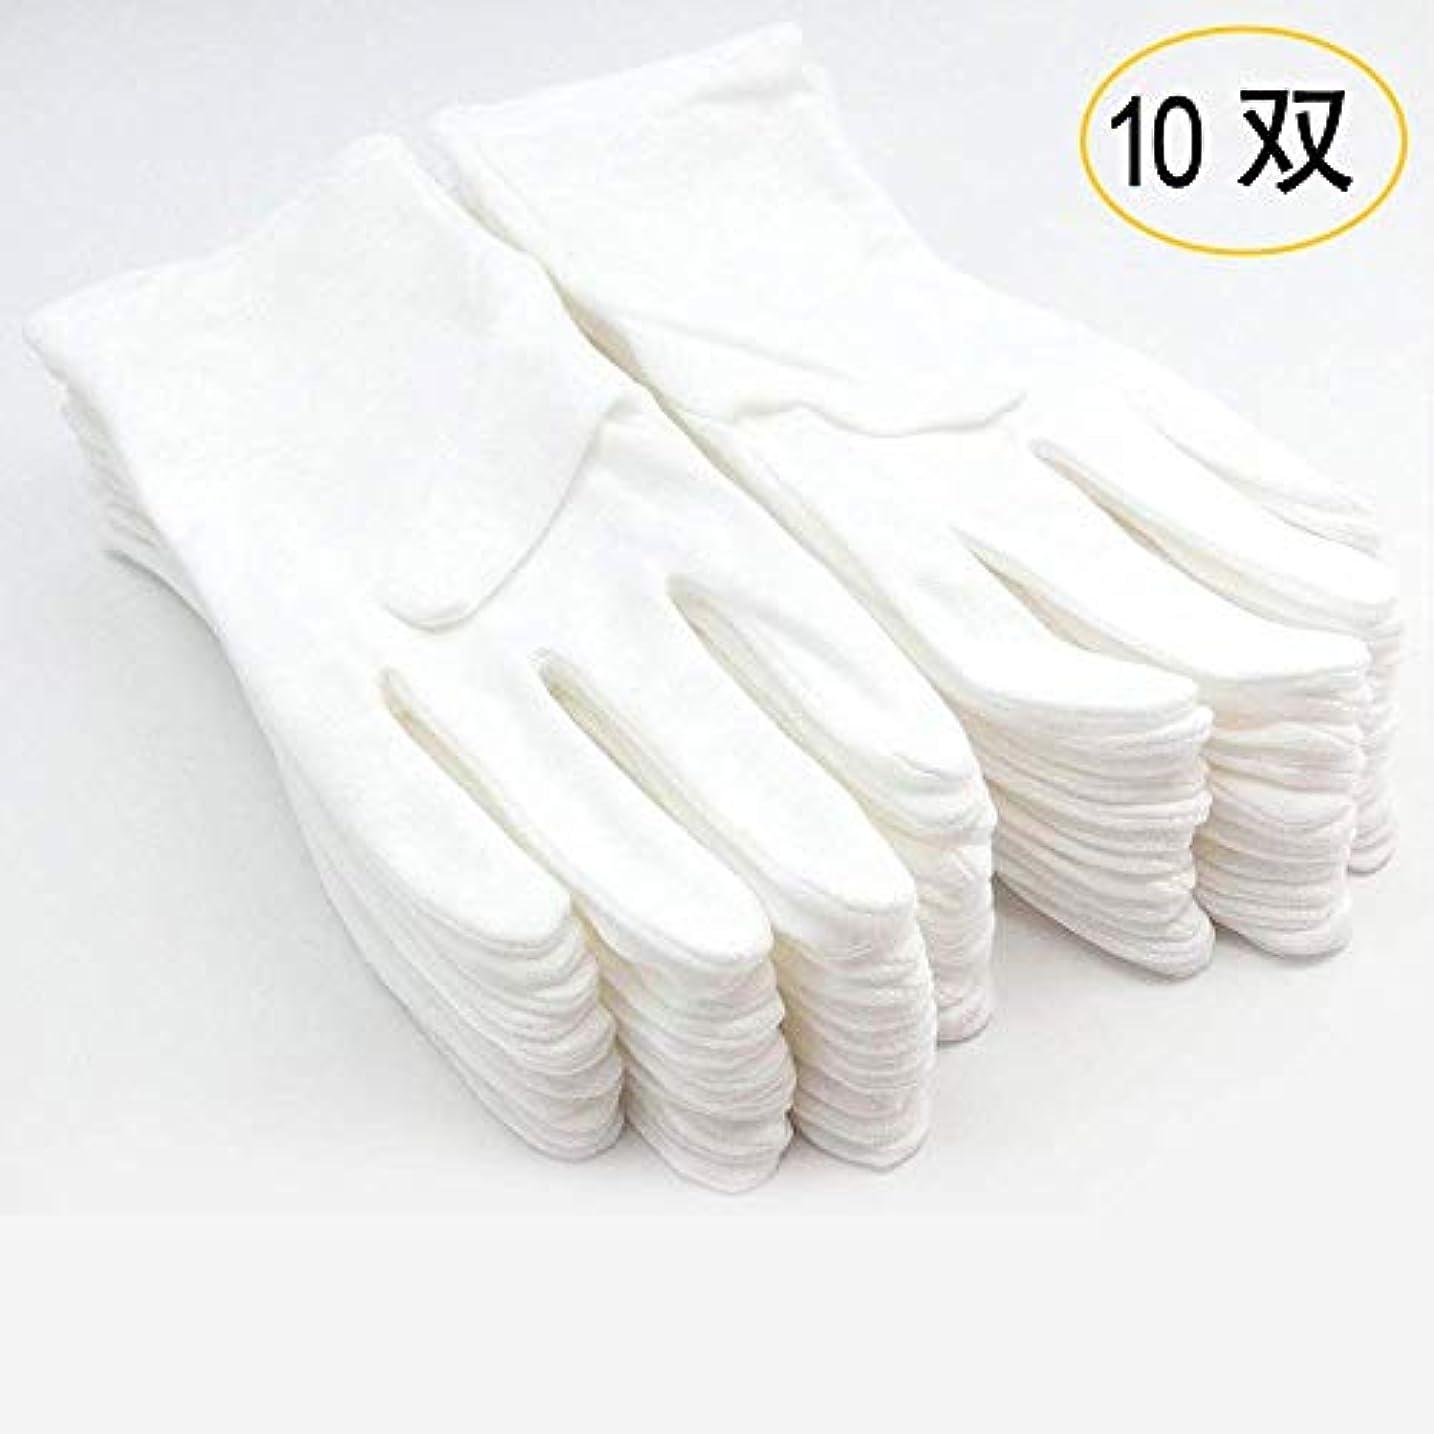 極めて重要な抜け目がない不規則性綿手袋 純綿100% 通気性 コットン手袋 10双組